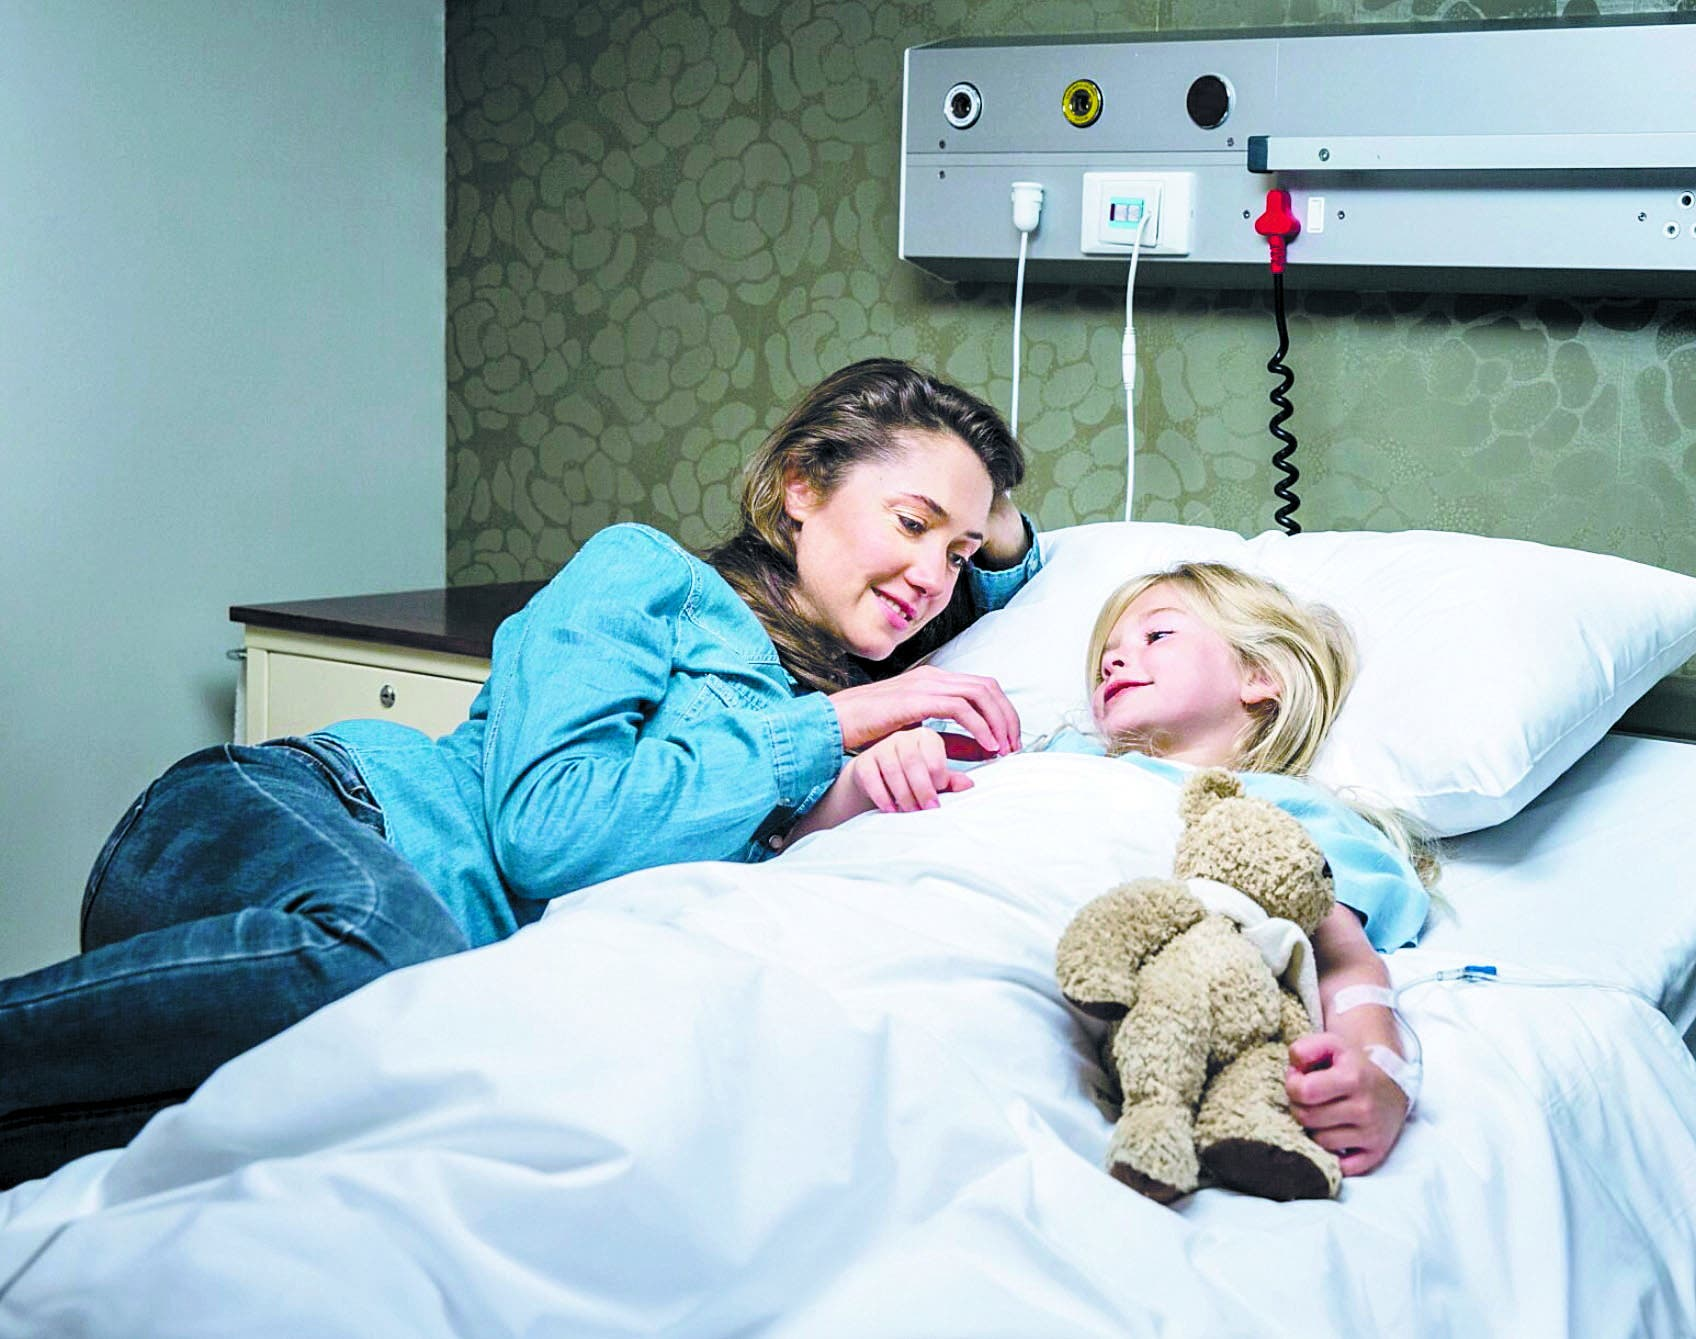 La presencia de los padres en UCI ayuda en la recuperación  del niño